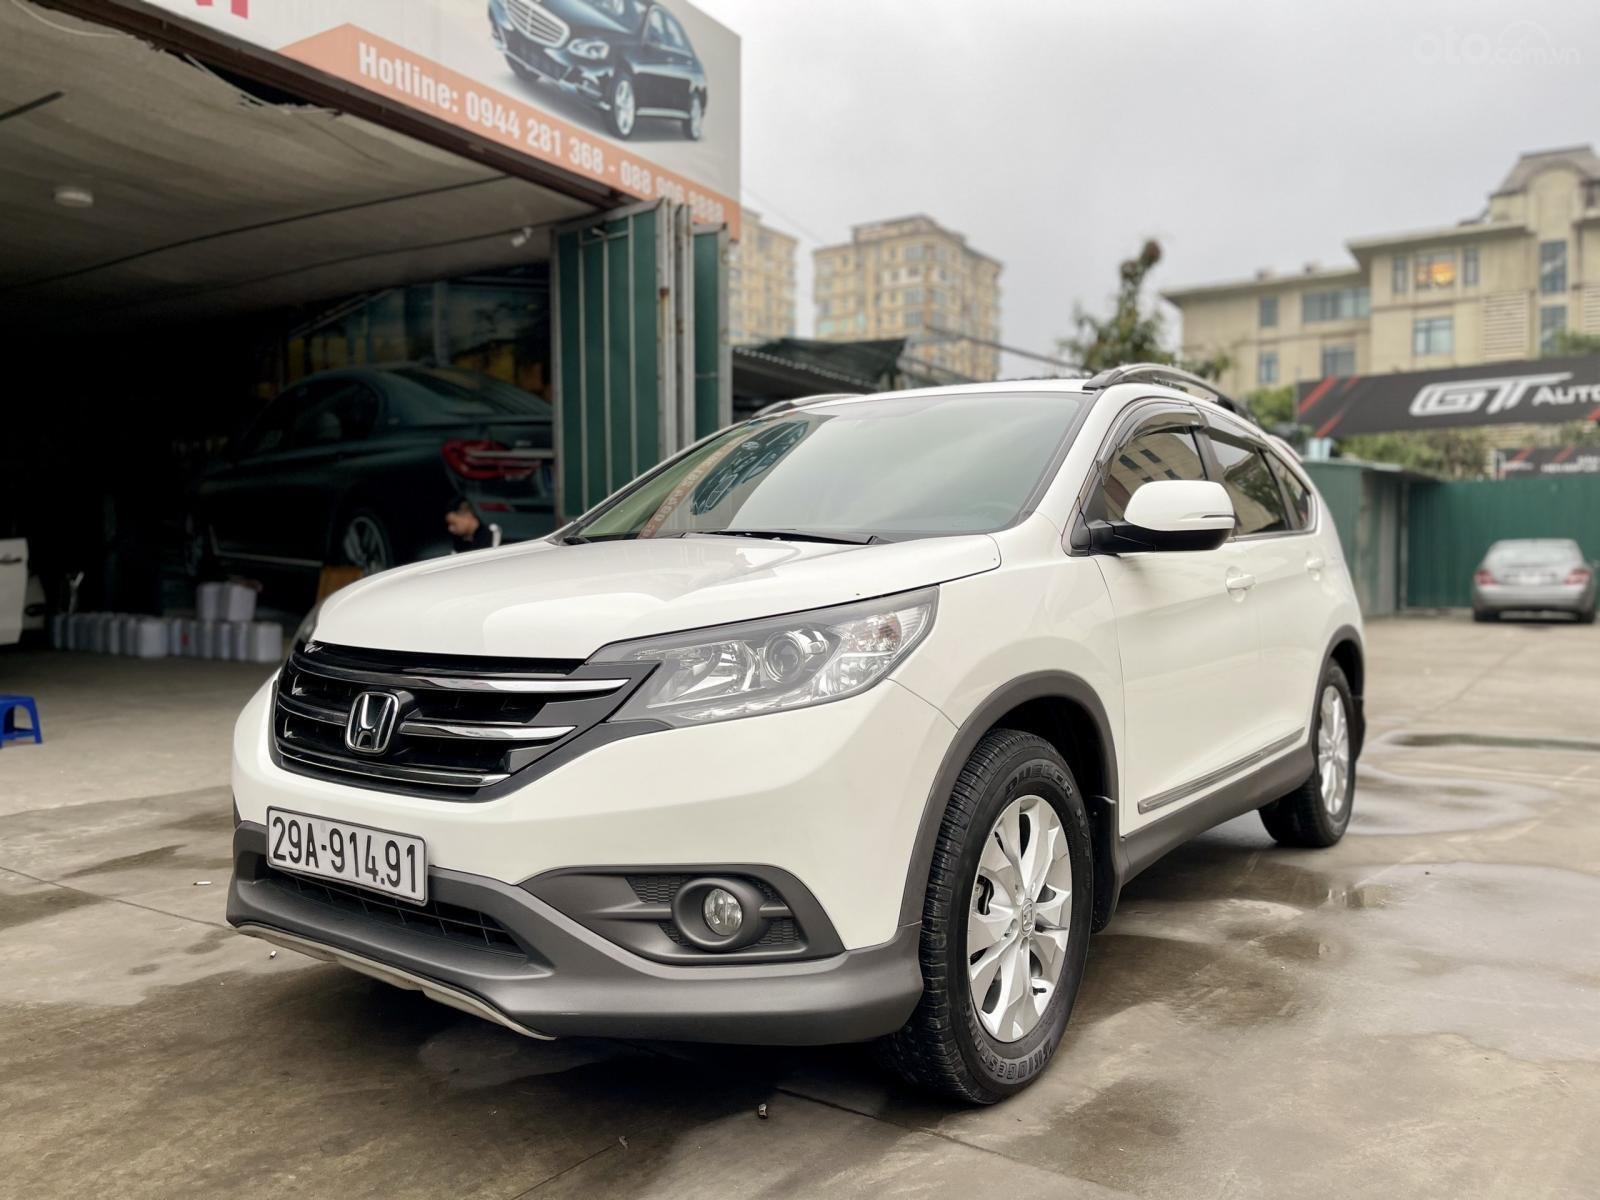 Bán Honda CR V 2.0 năm sản xuất 2013, giá cạnh tranh (2)